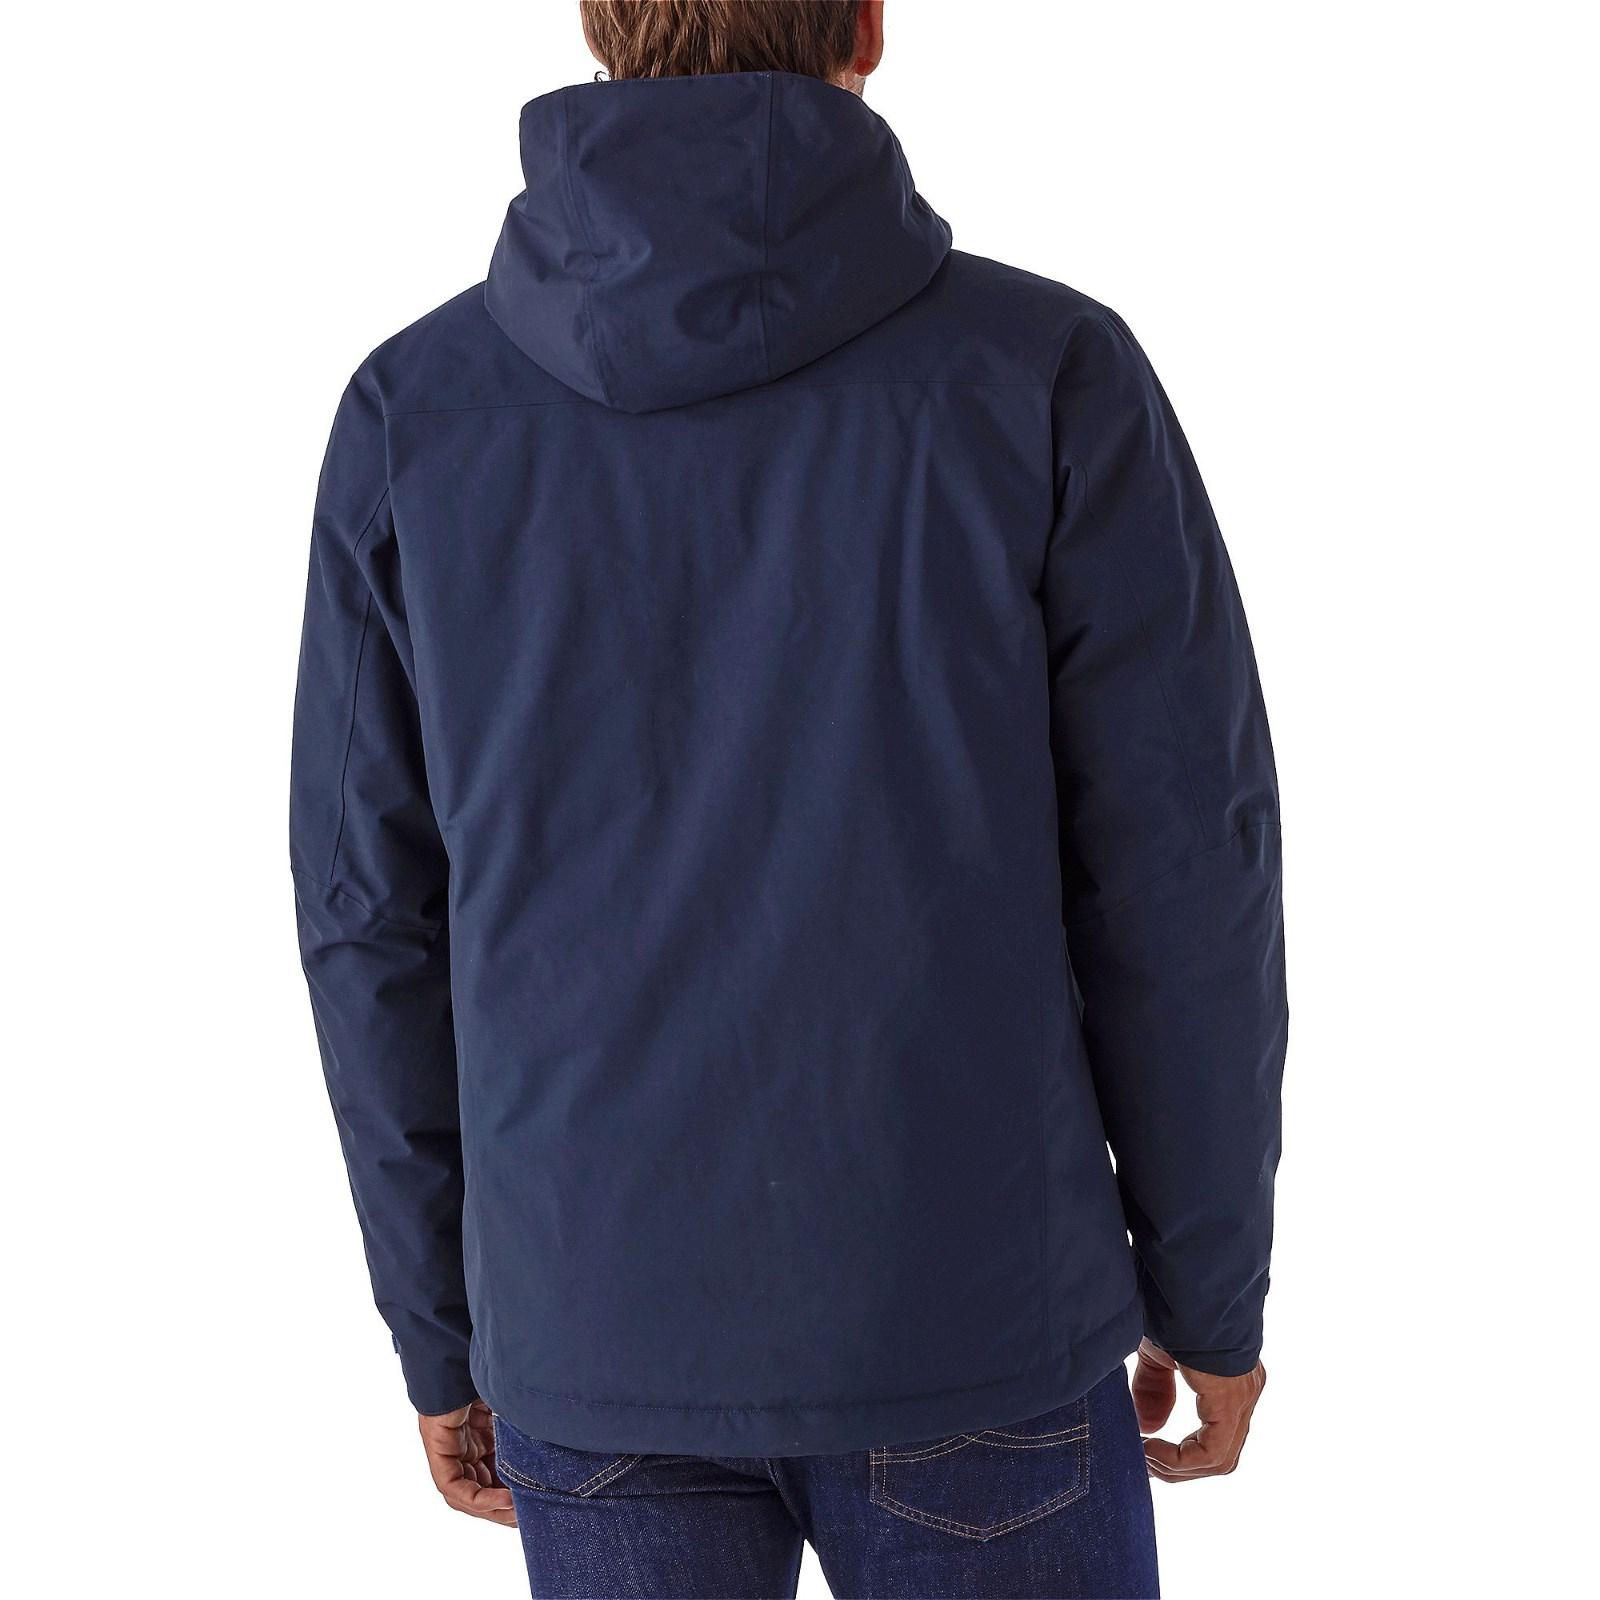 Men's Windproof Down Hoody Manufacturers, Men's Windproof Down Hoody Factory, Supply Men's Windproof Down Hoody